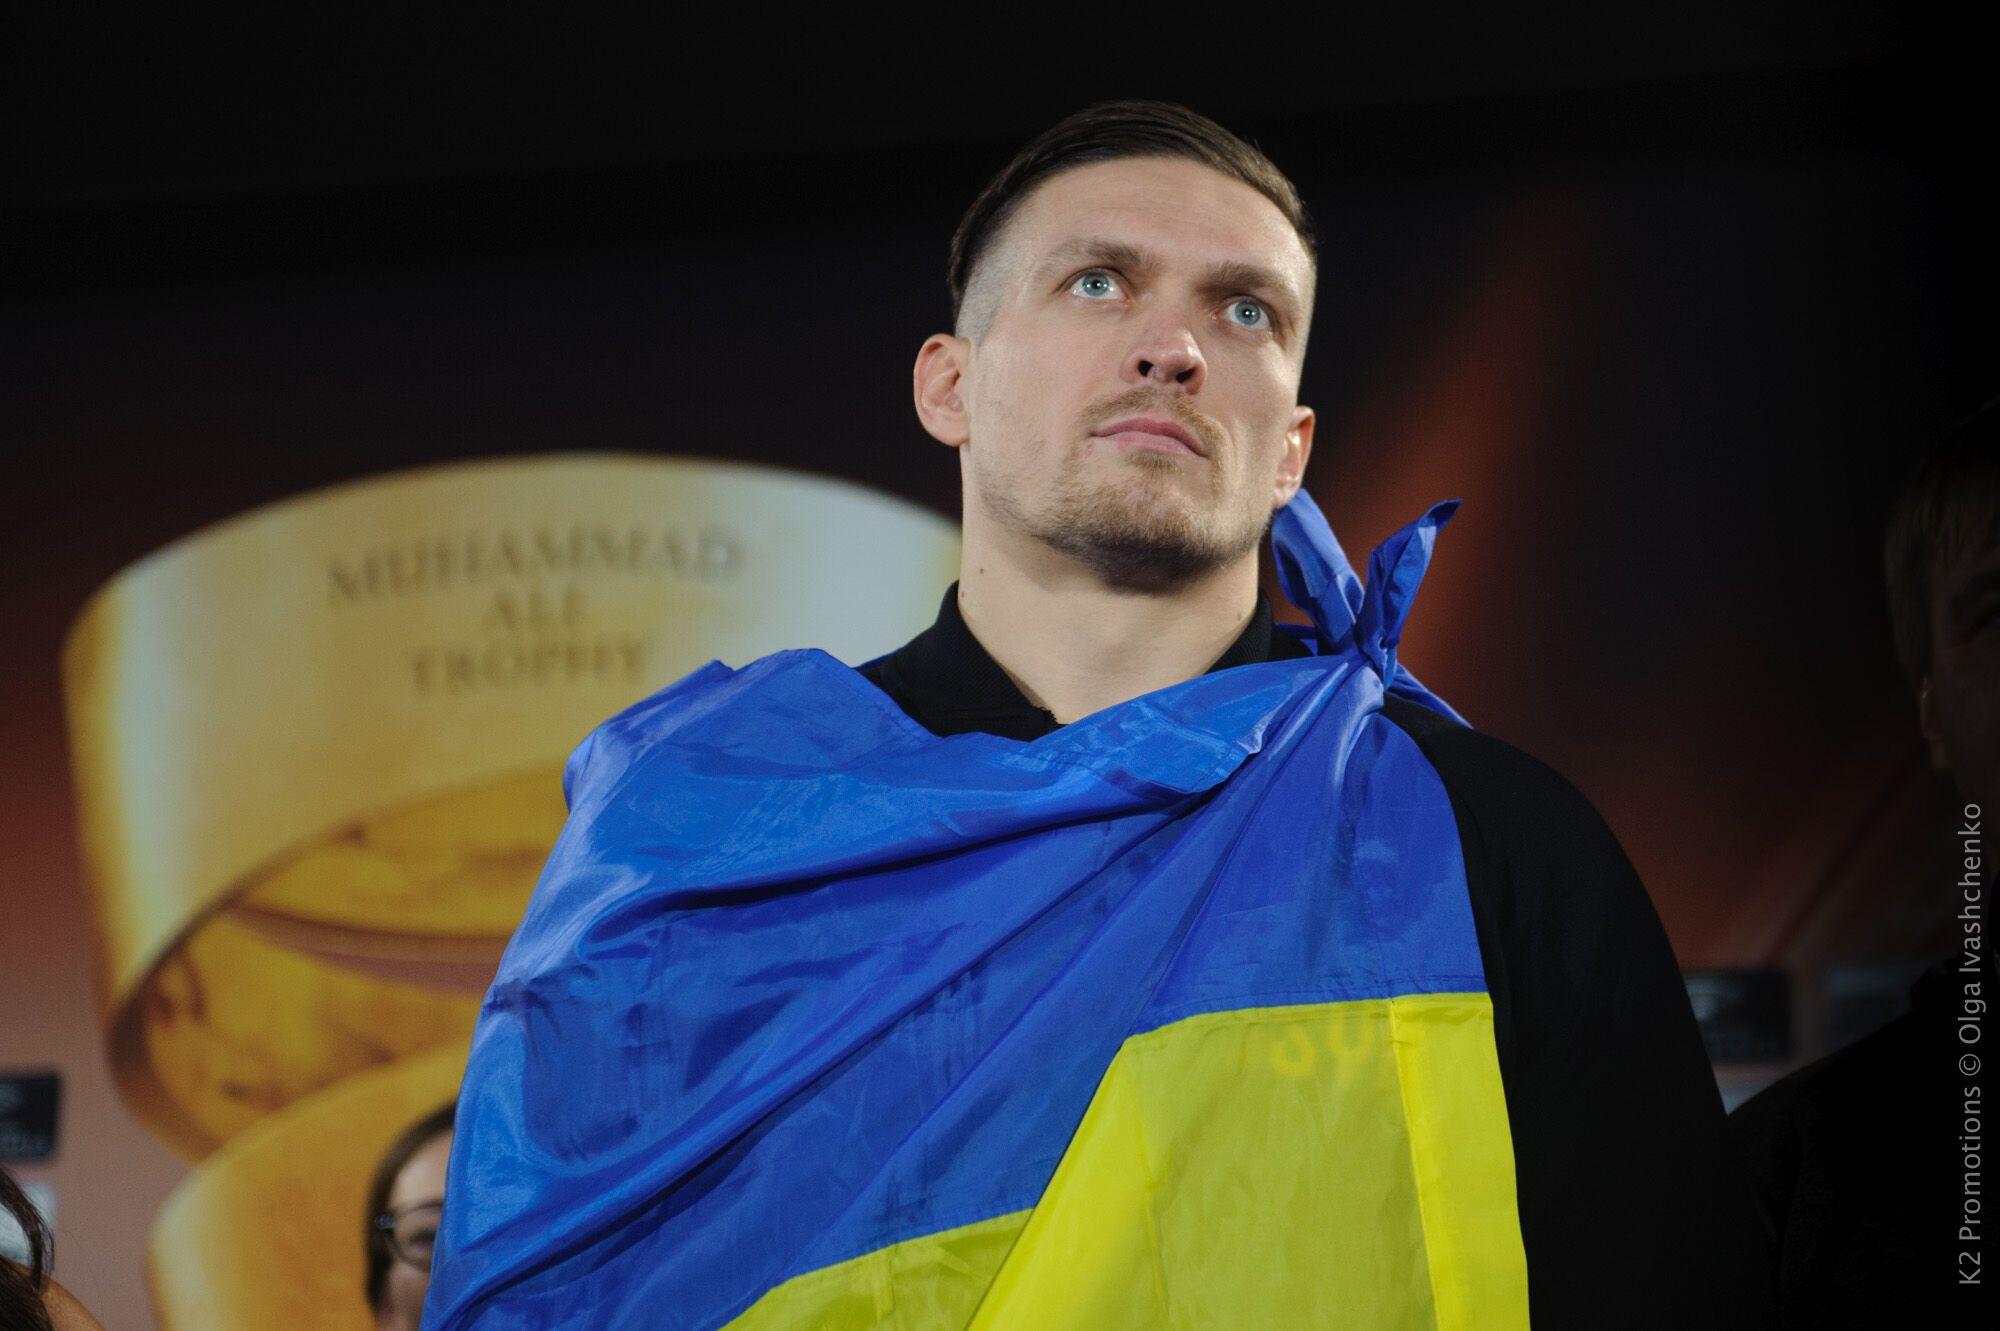 Патриот! Усик с флагом Украины выиграл взвешивание у Бриедиса